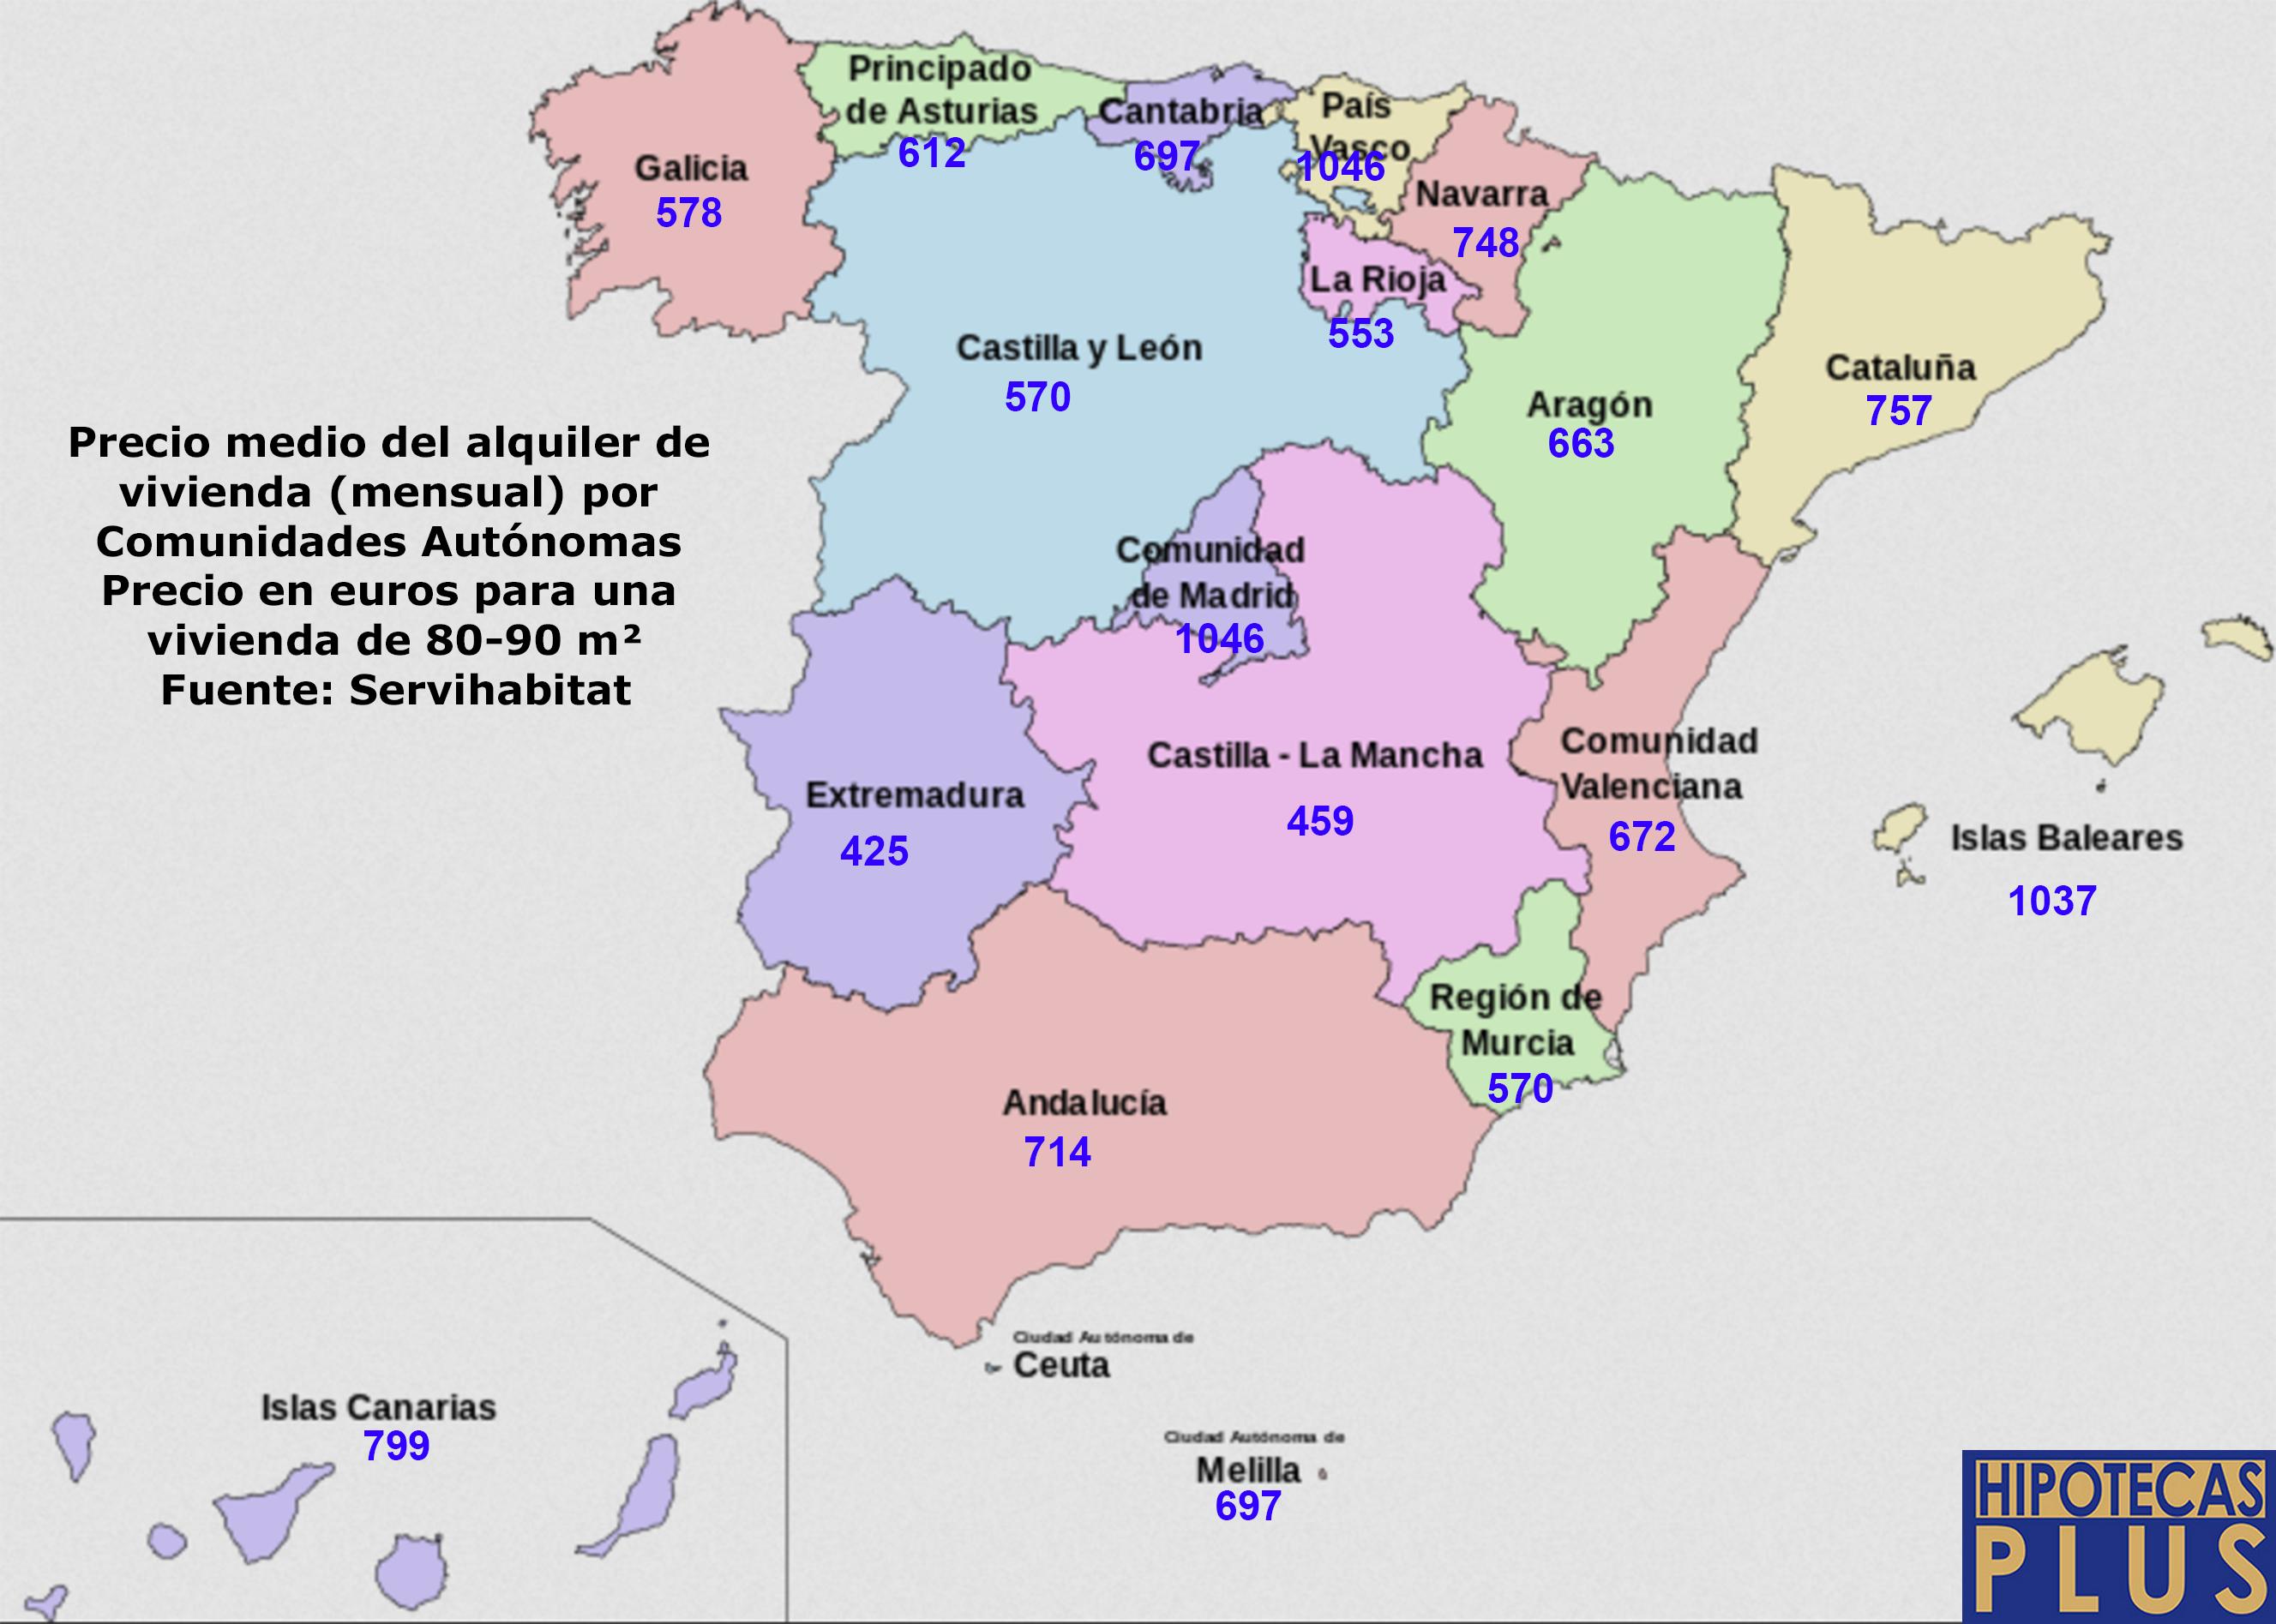 La rentabilidad de la vivienda en alquiler en Madrid, Catalunya y Baleares